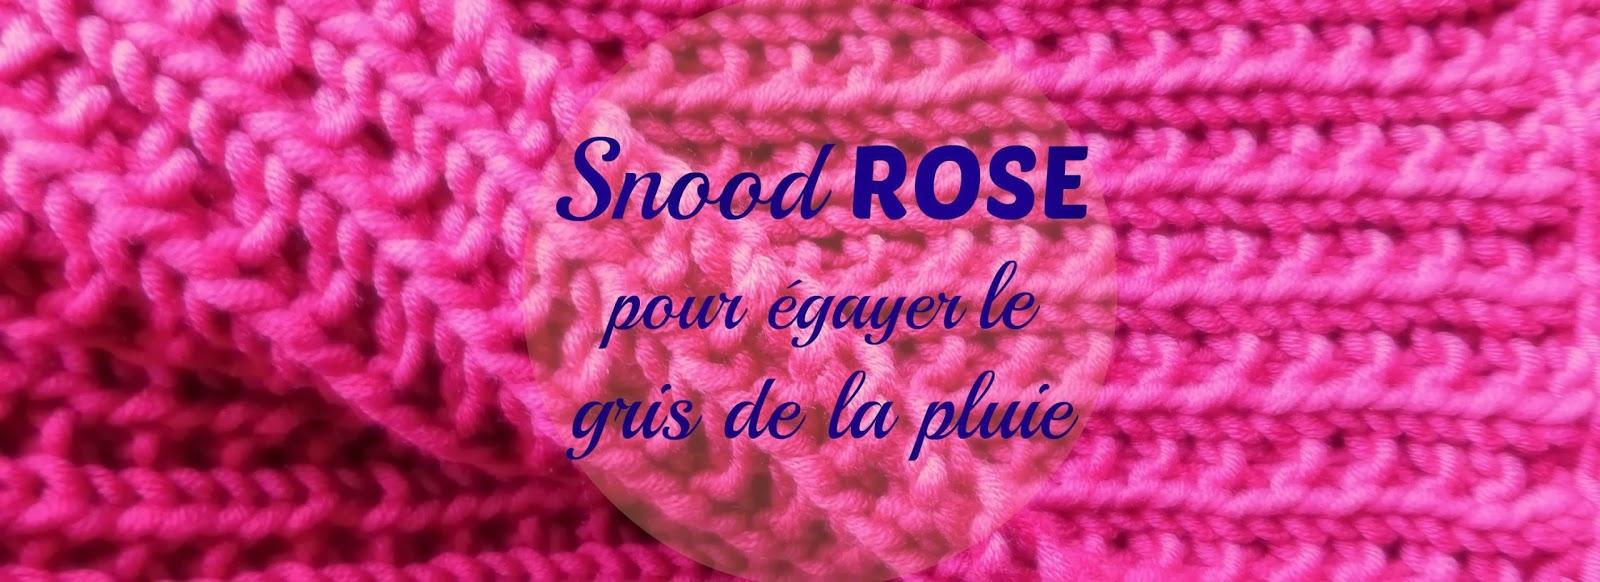 Un snood rose pour égayer le gris de l'hiver